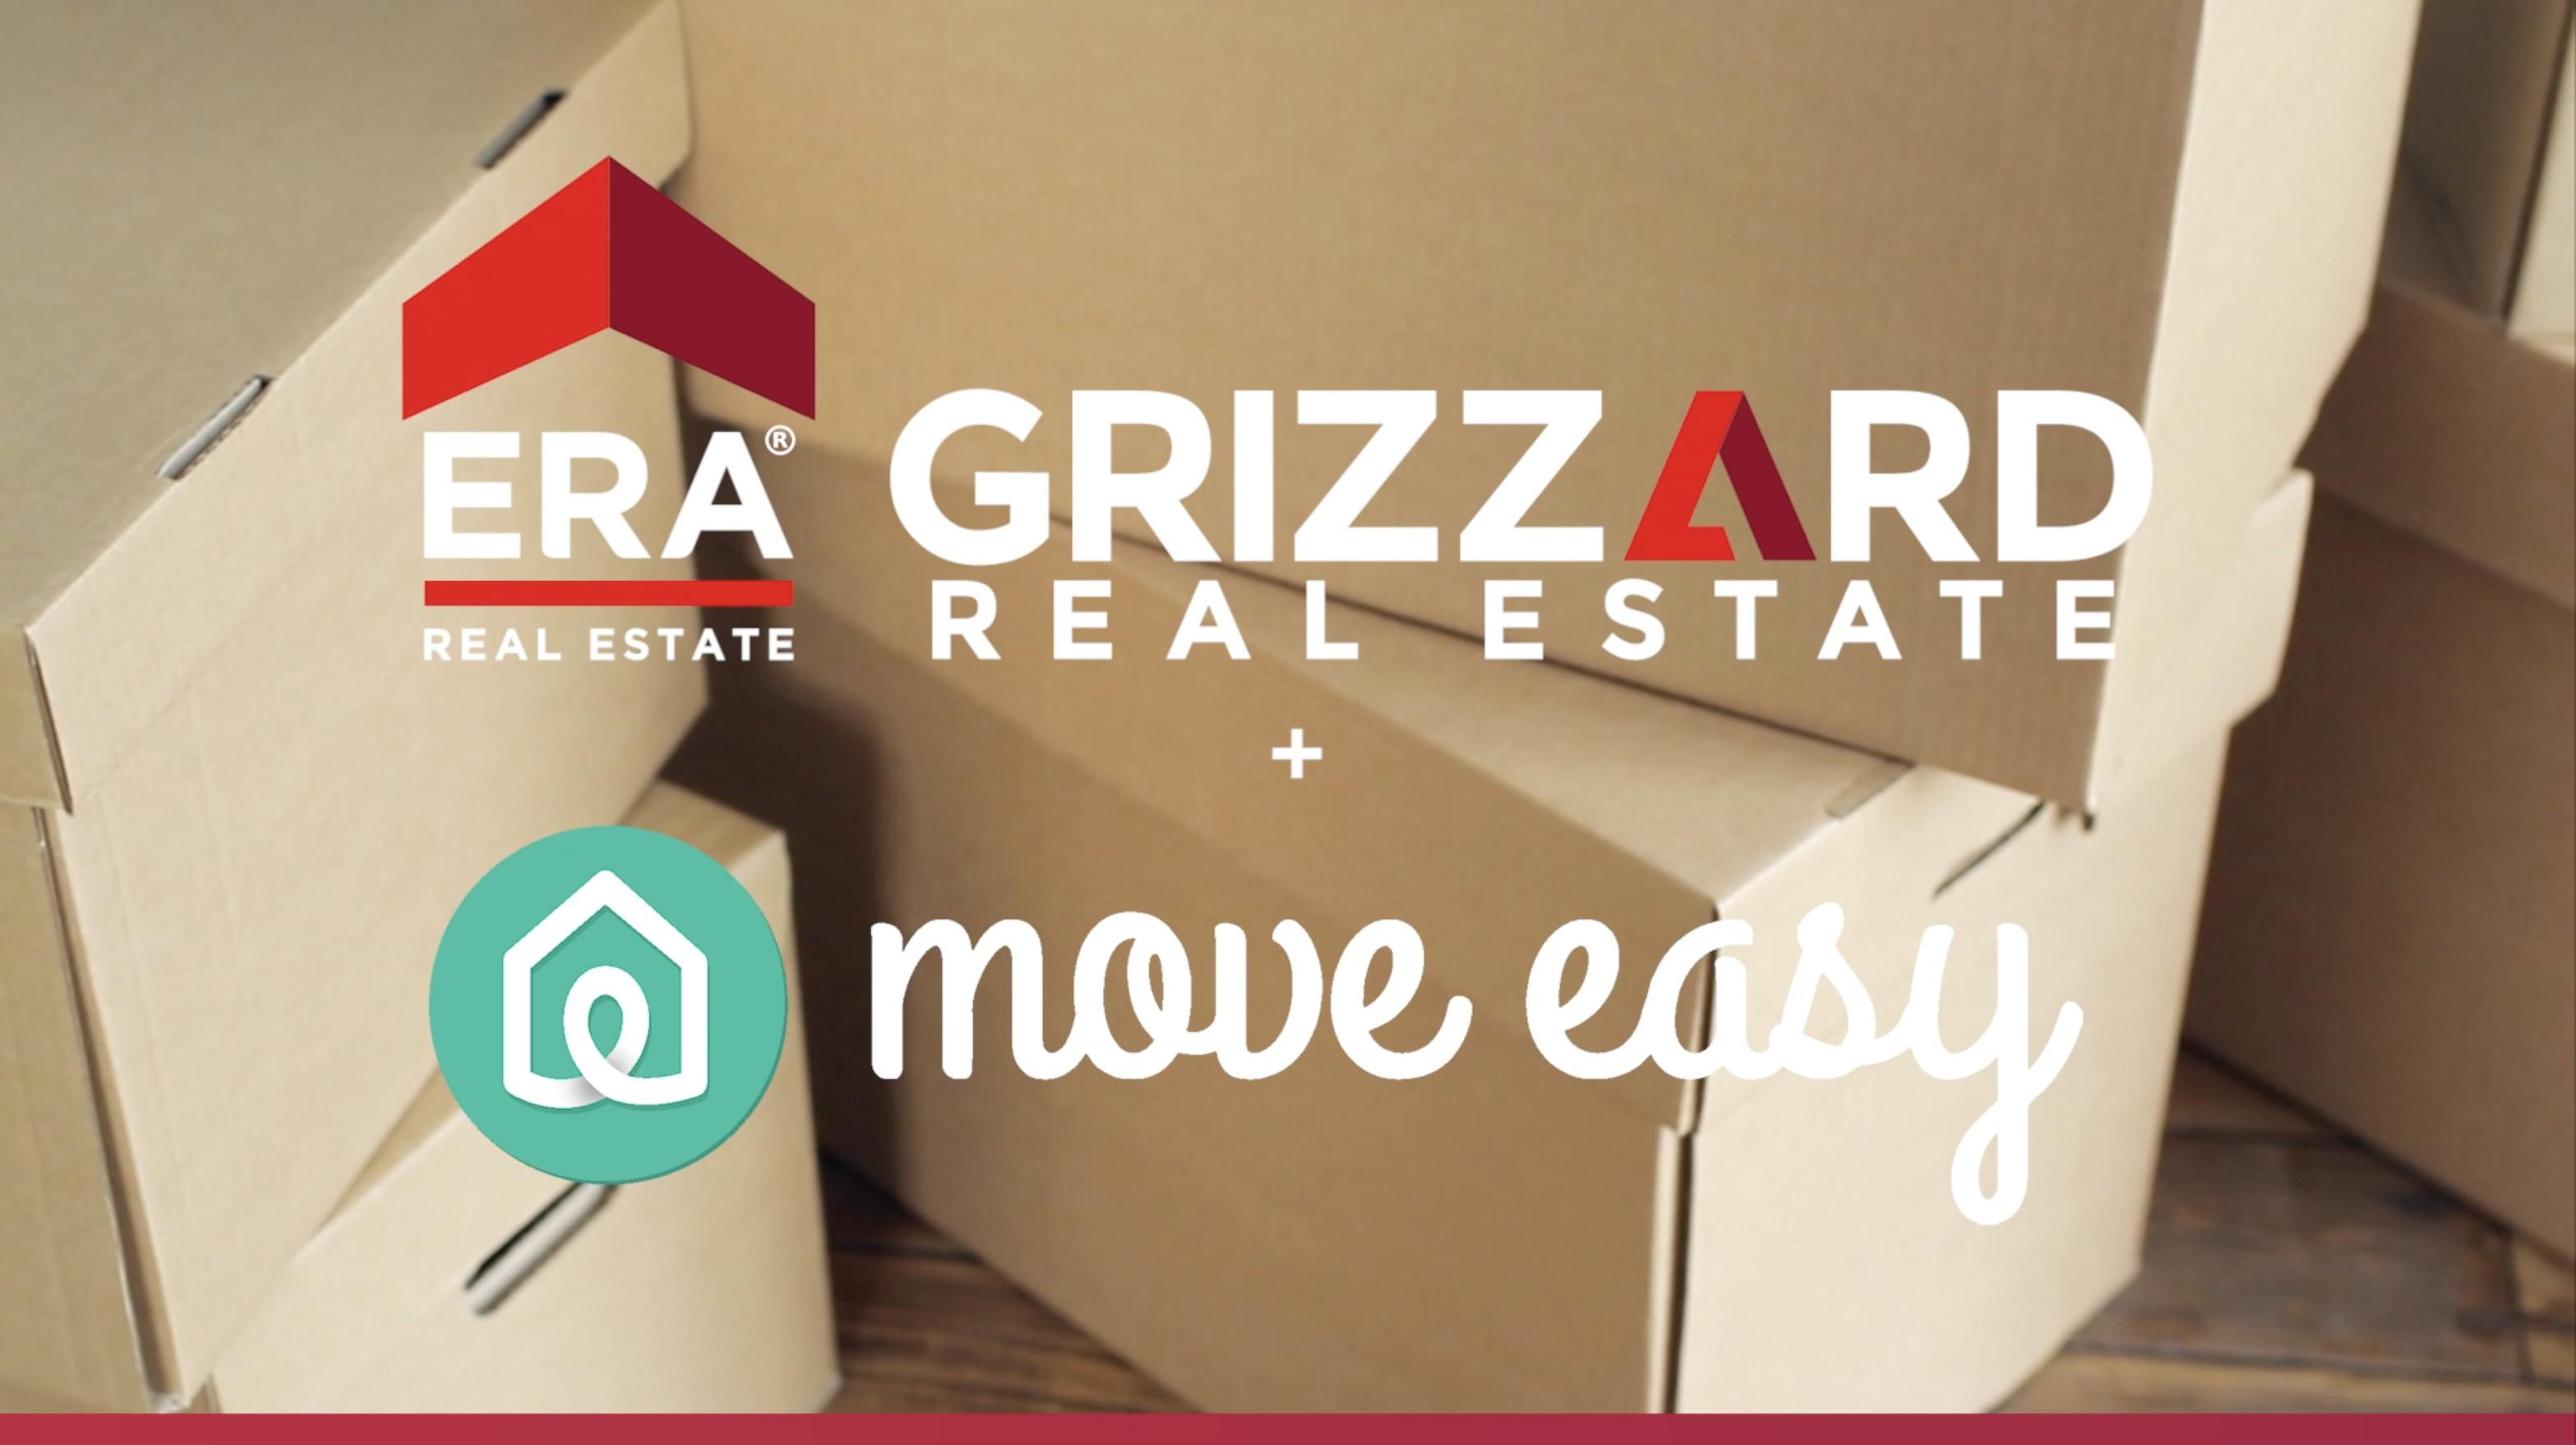 move easy era grizzard real estate